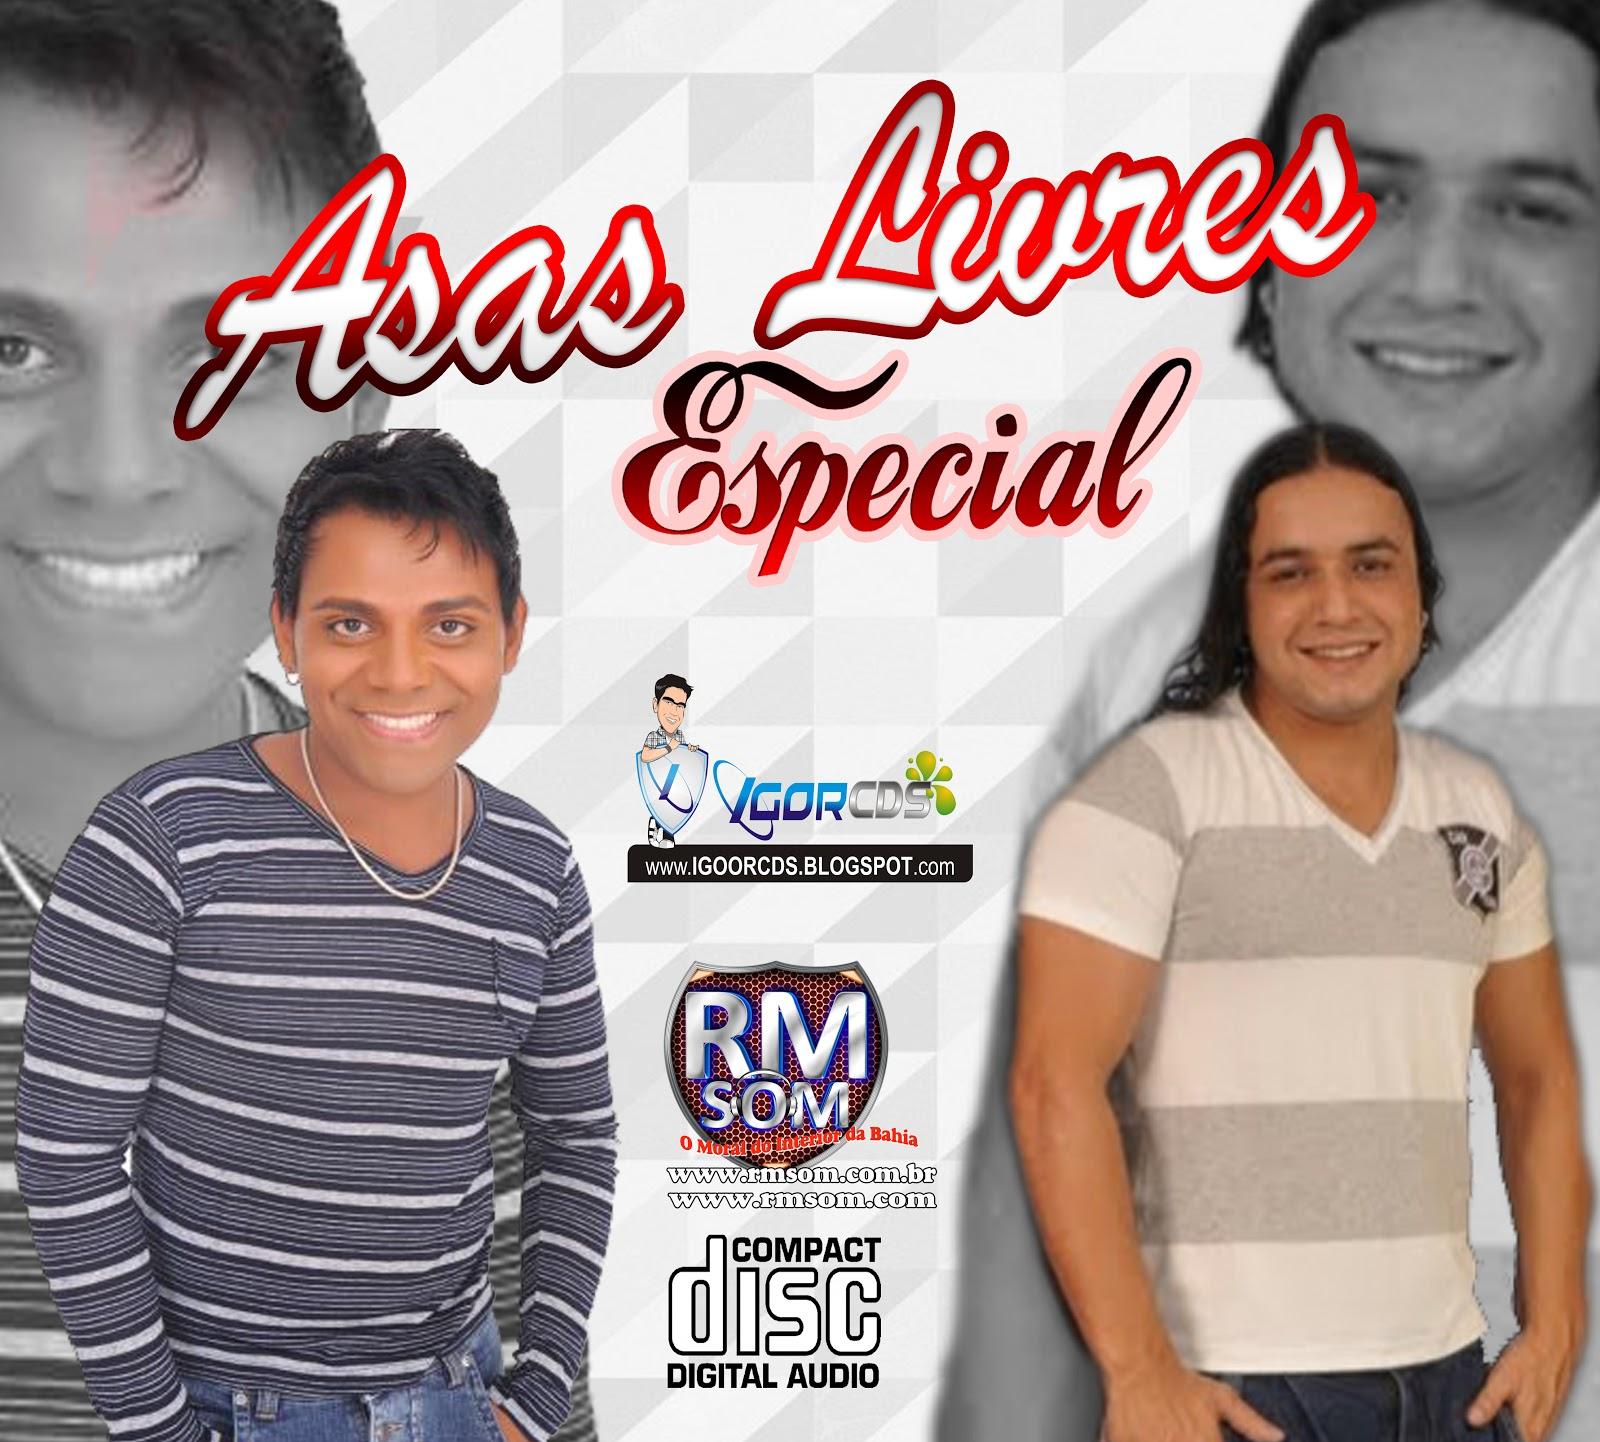 [ CD ] Asas Livres Especial - Recordações - Pablo & Alan